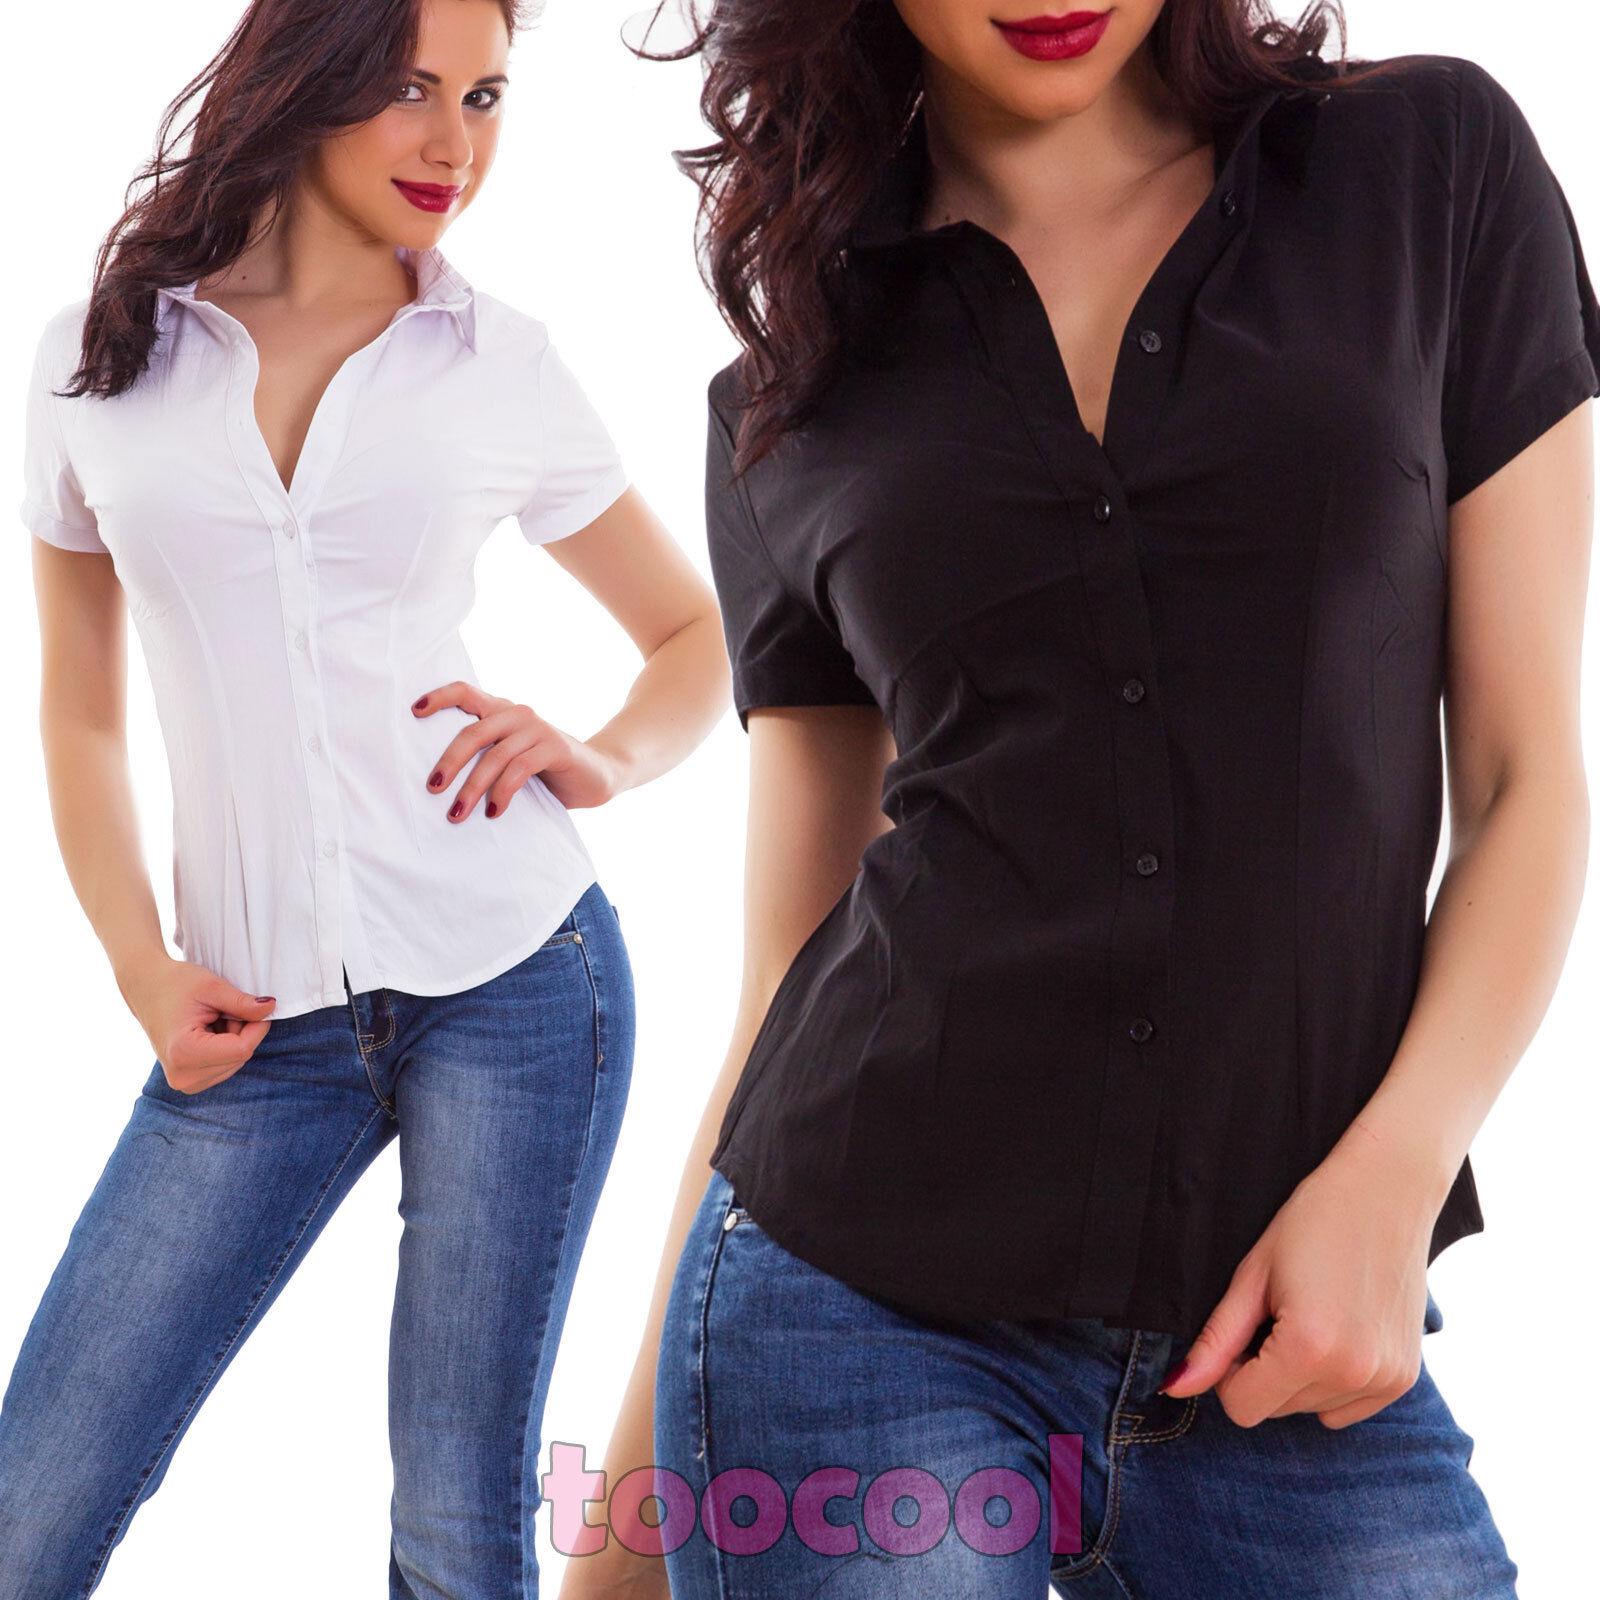 Camicia donna avvitata cotone maniche corte business elegante sfiancata 0332 2